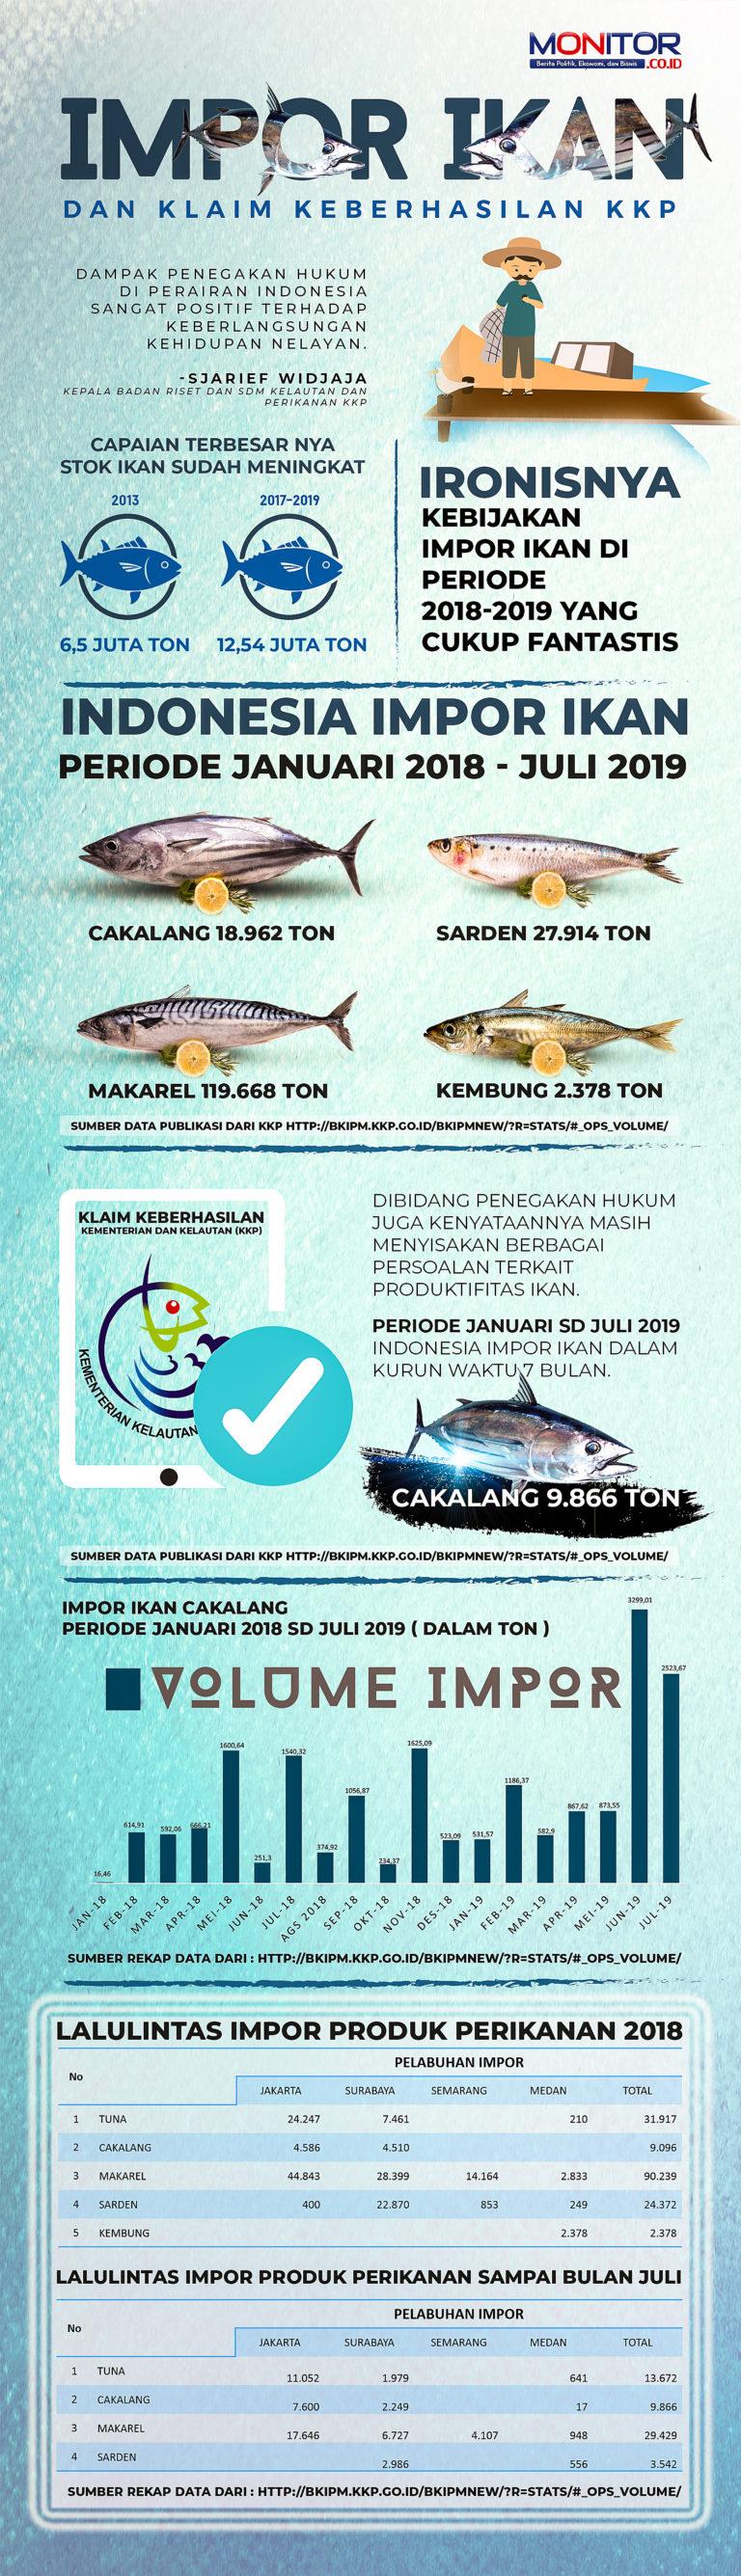 Impor Ikan dan Klaim Keberhasilan KKP